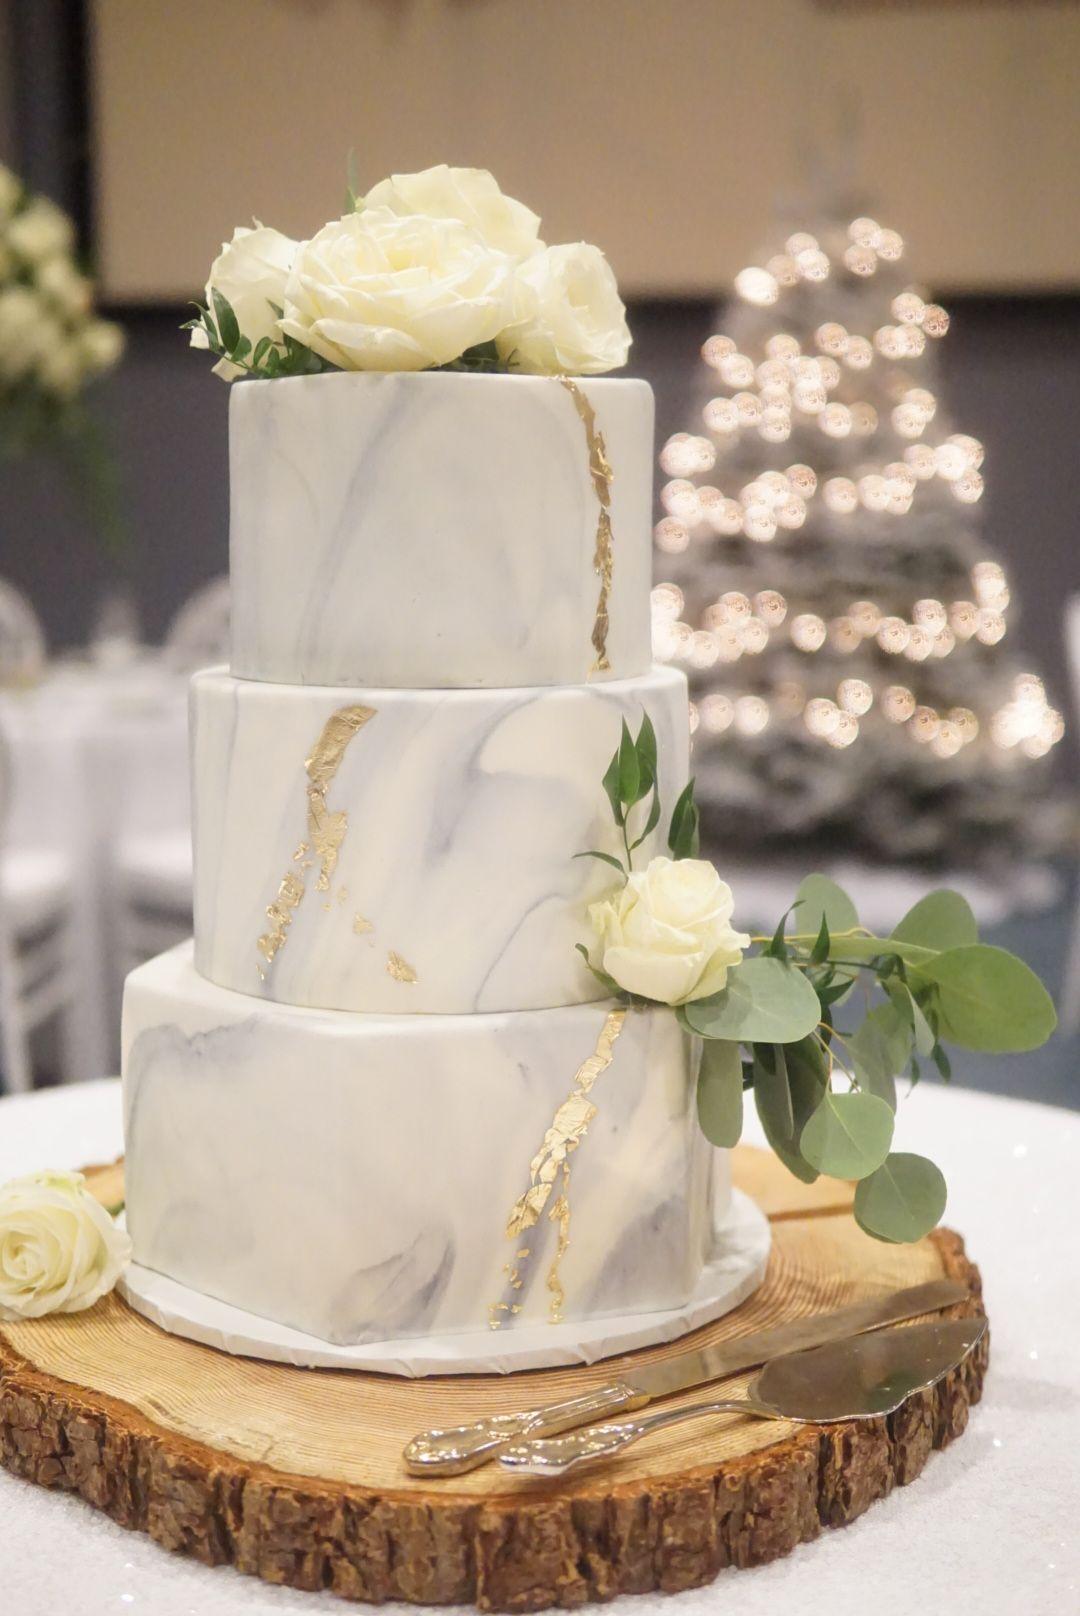 Fondant marble cake wedding cakes marble cakes Wedding